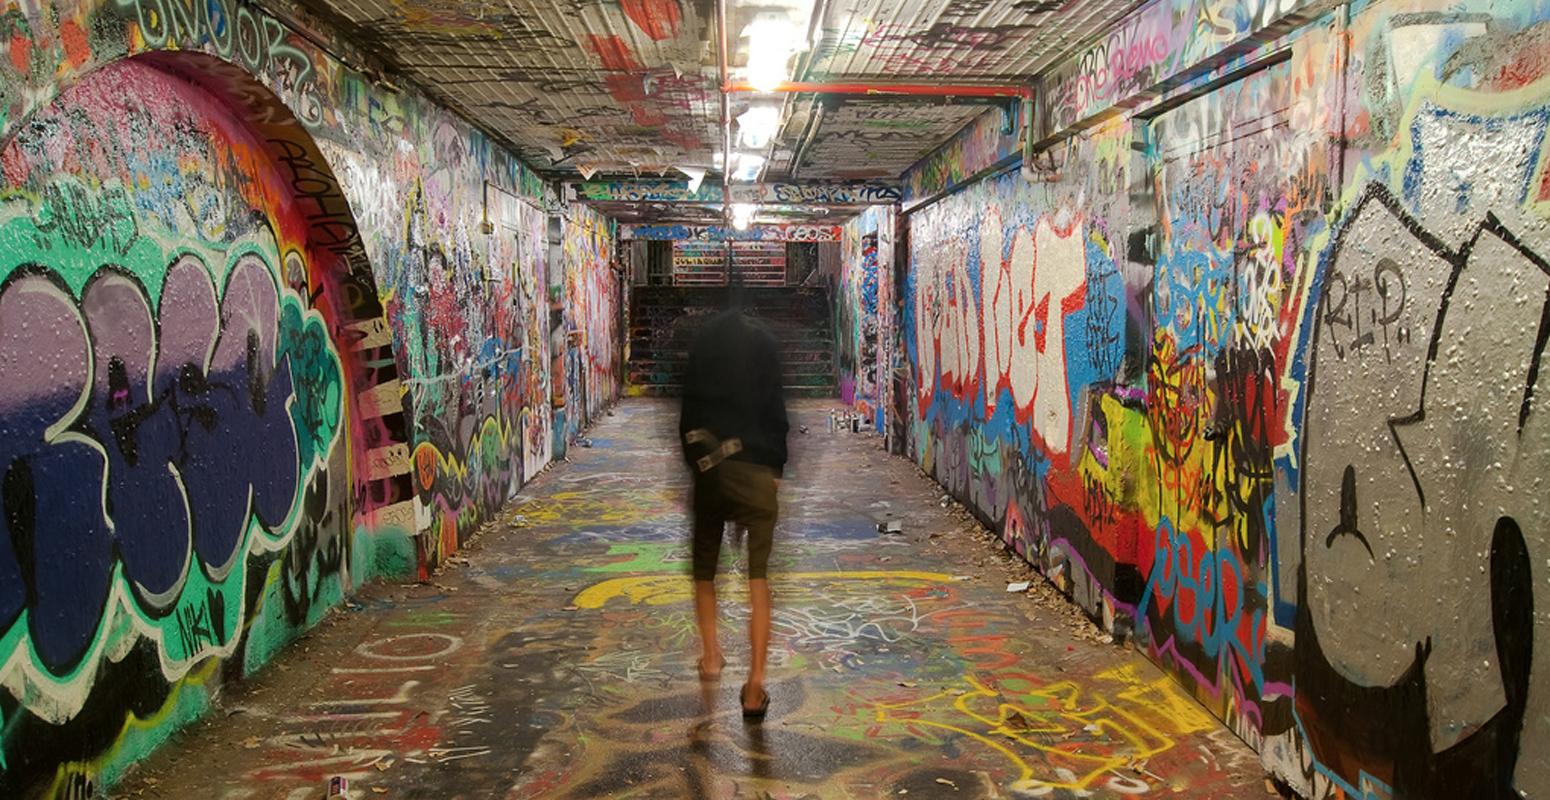 シドニー大学 グラフィティ トンネル